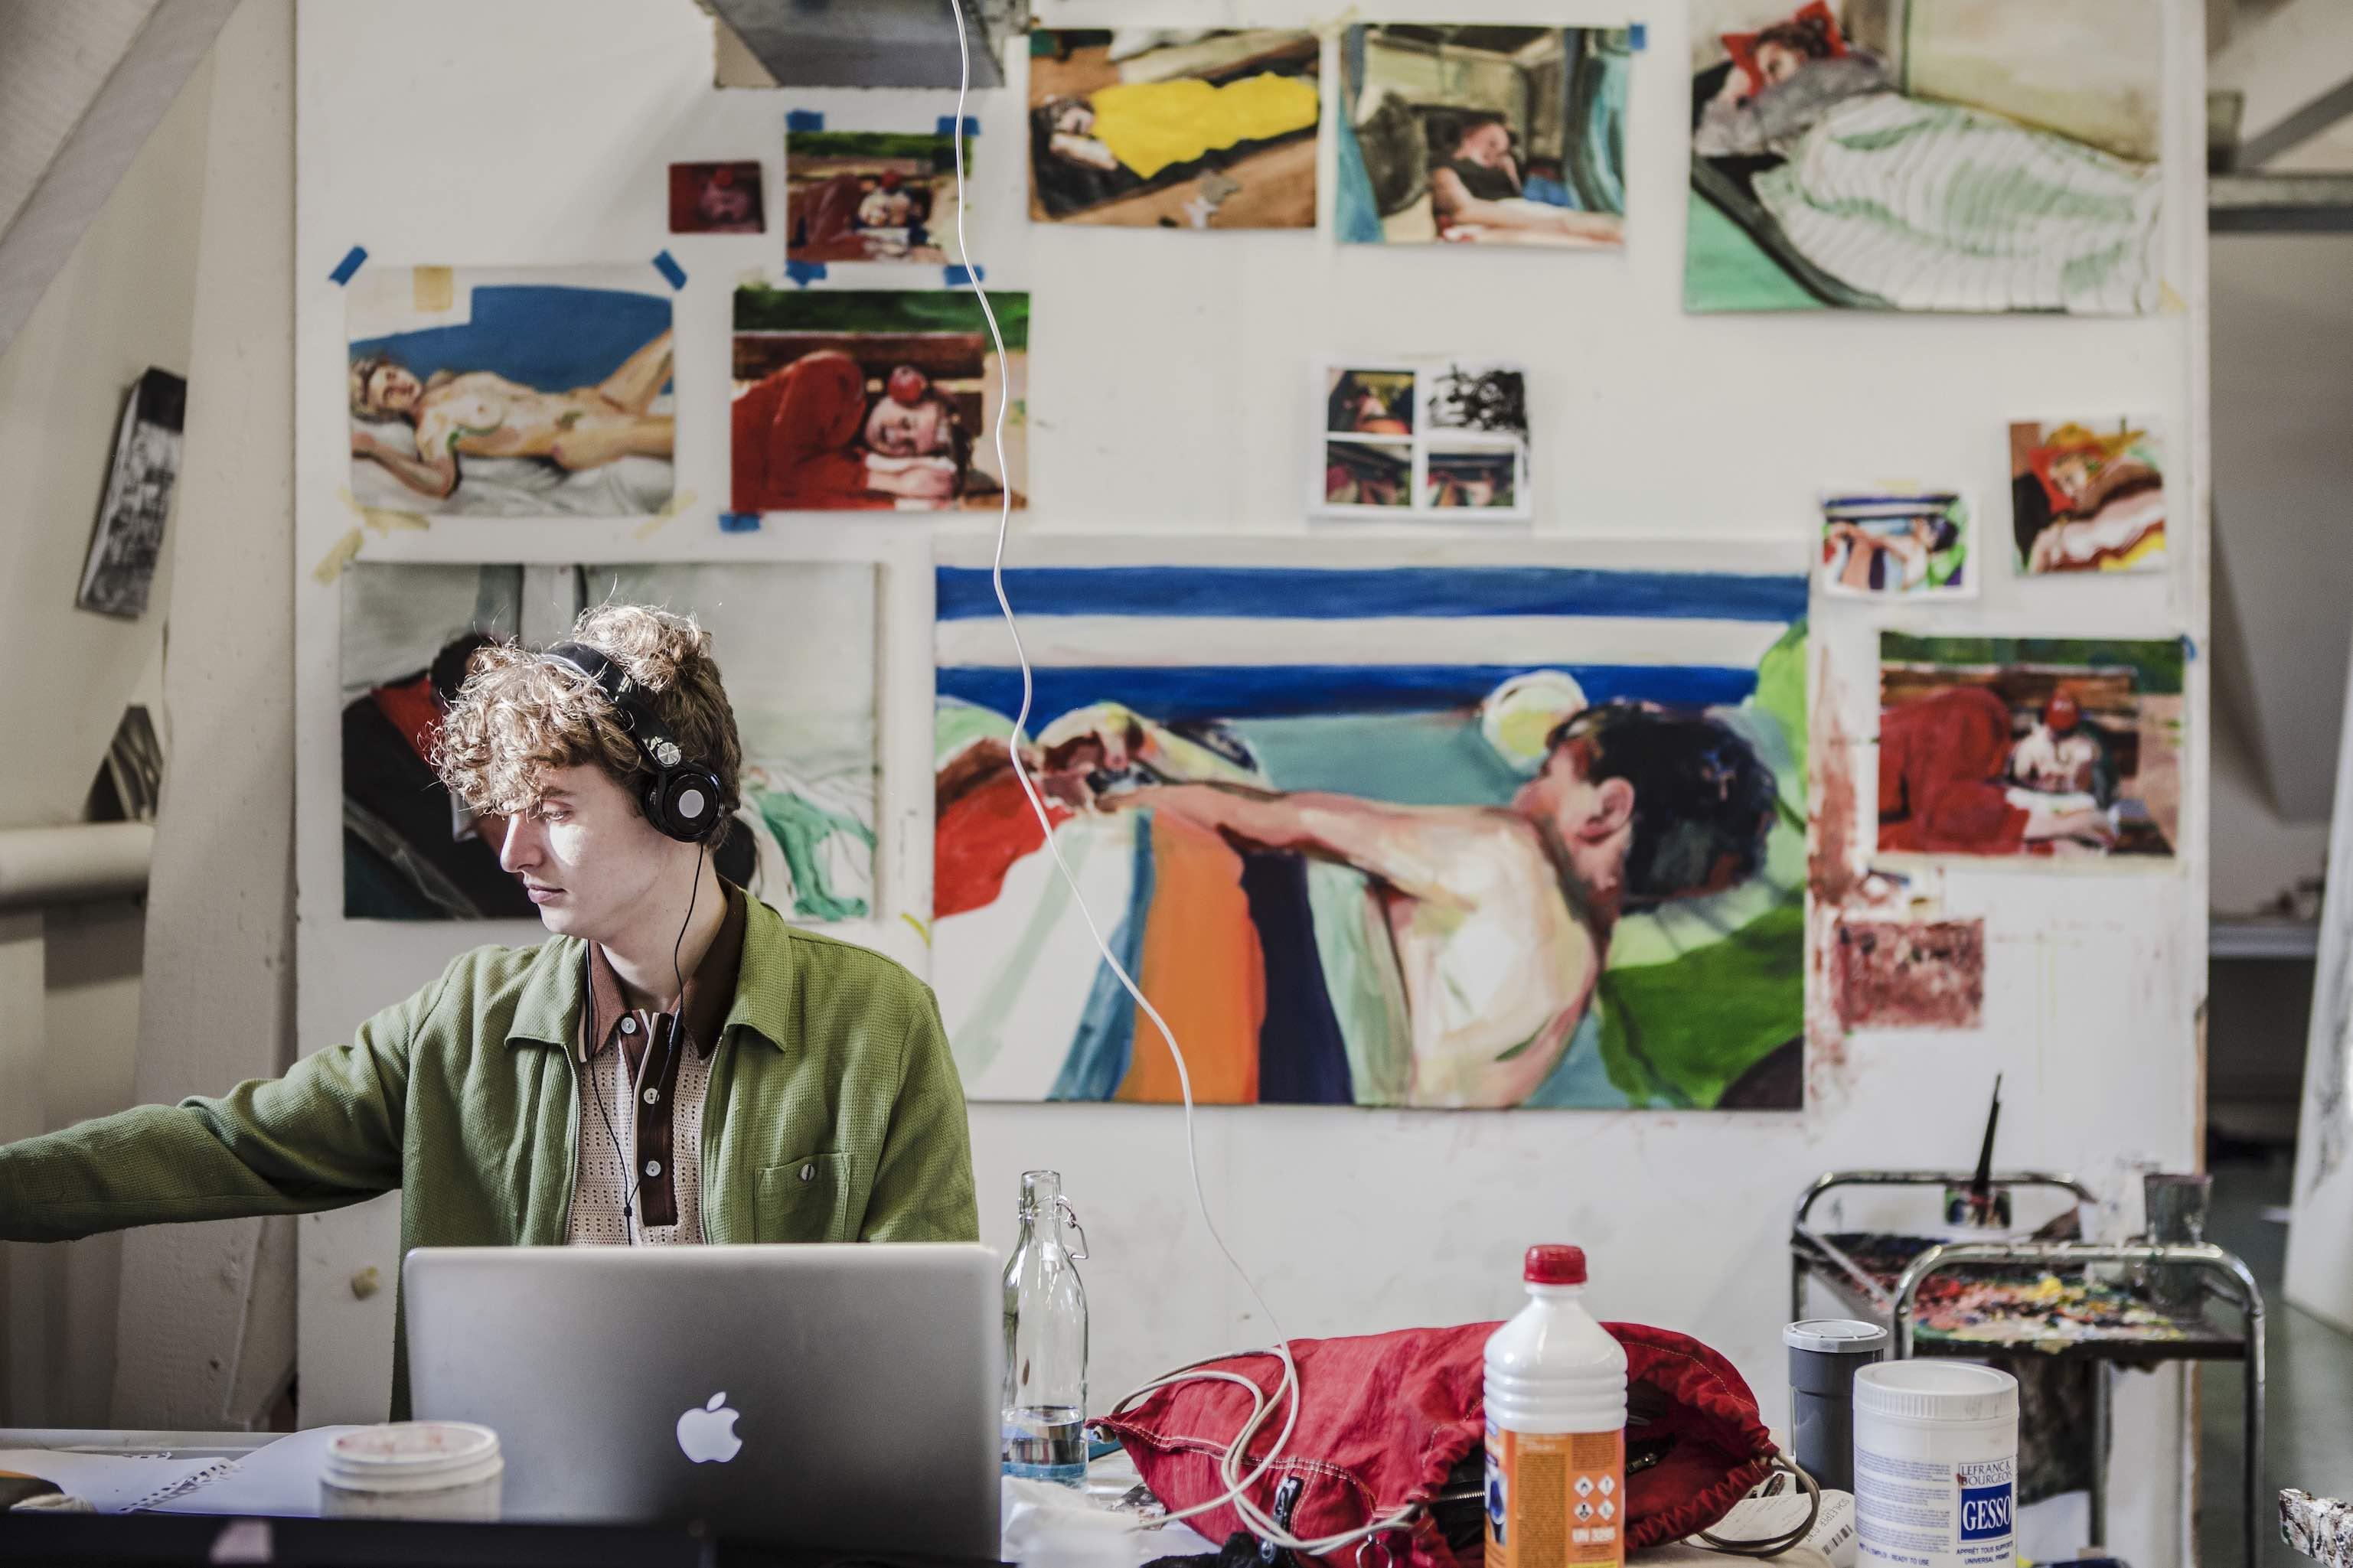 Pieter zitten met koptelefoon aan het werk voor muur met schilderijen van liggende mensen